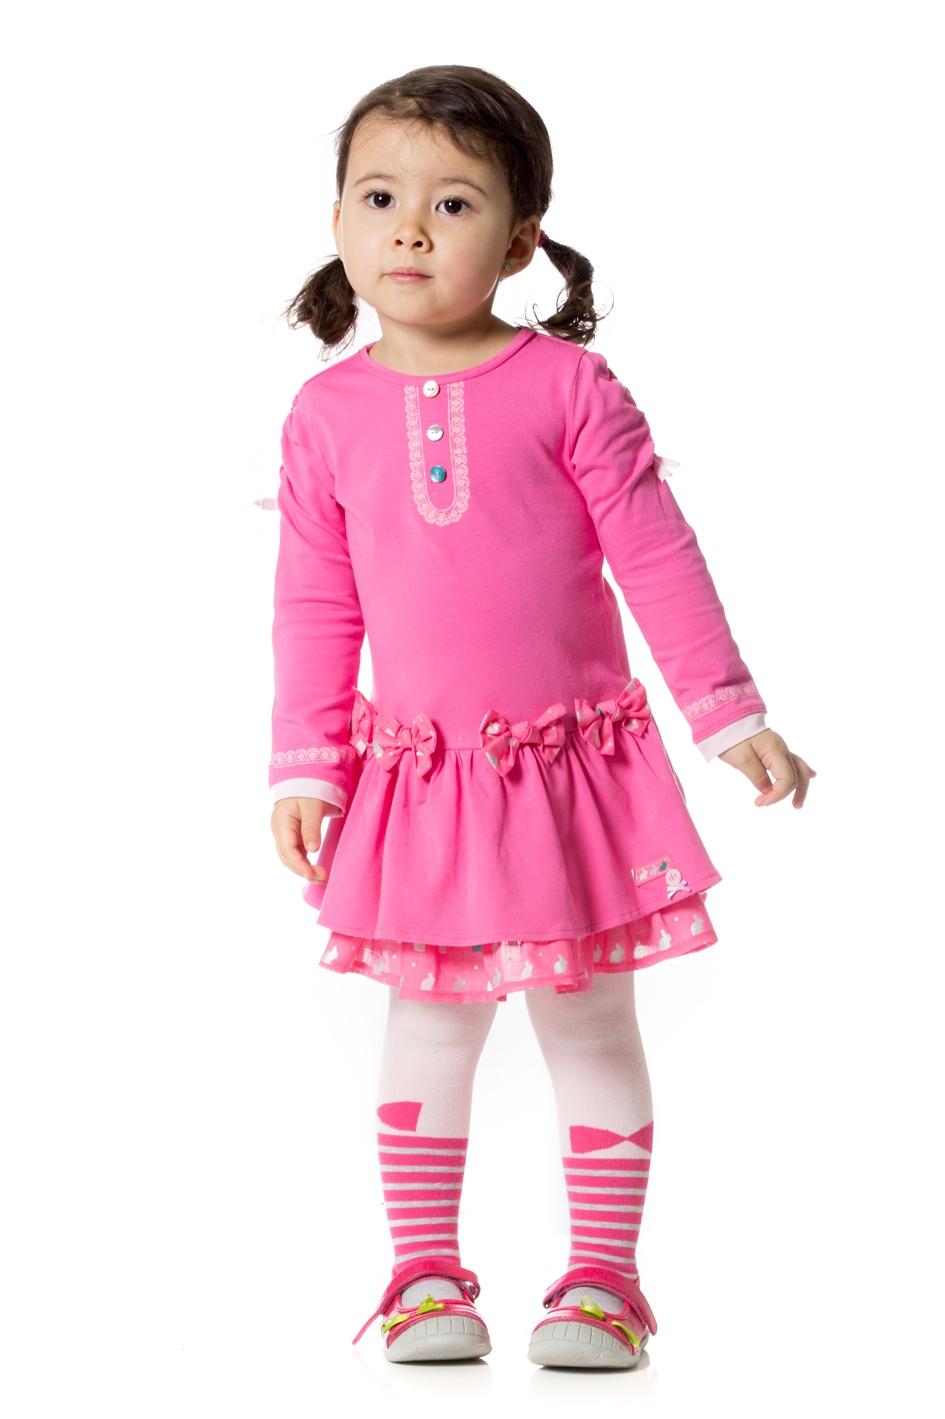 صورة فساتين اطفال شتوى , ملابس شتويه للاطفال 4535 2